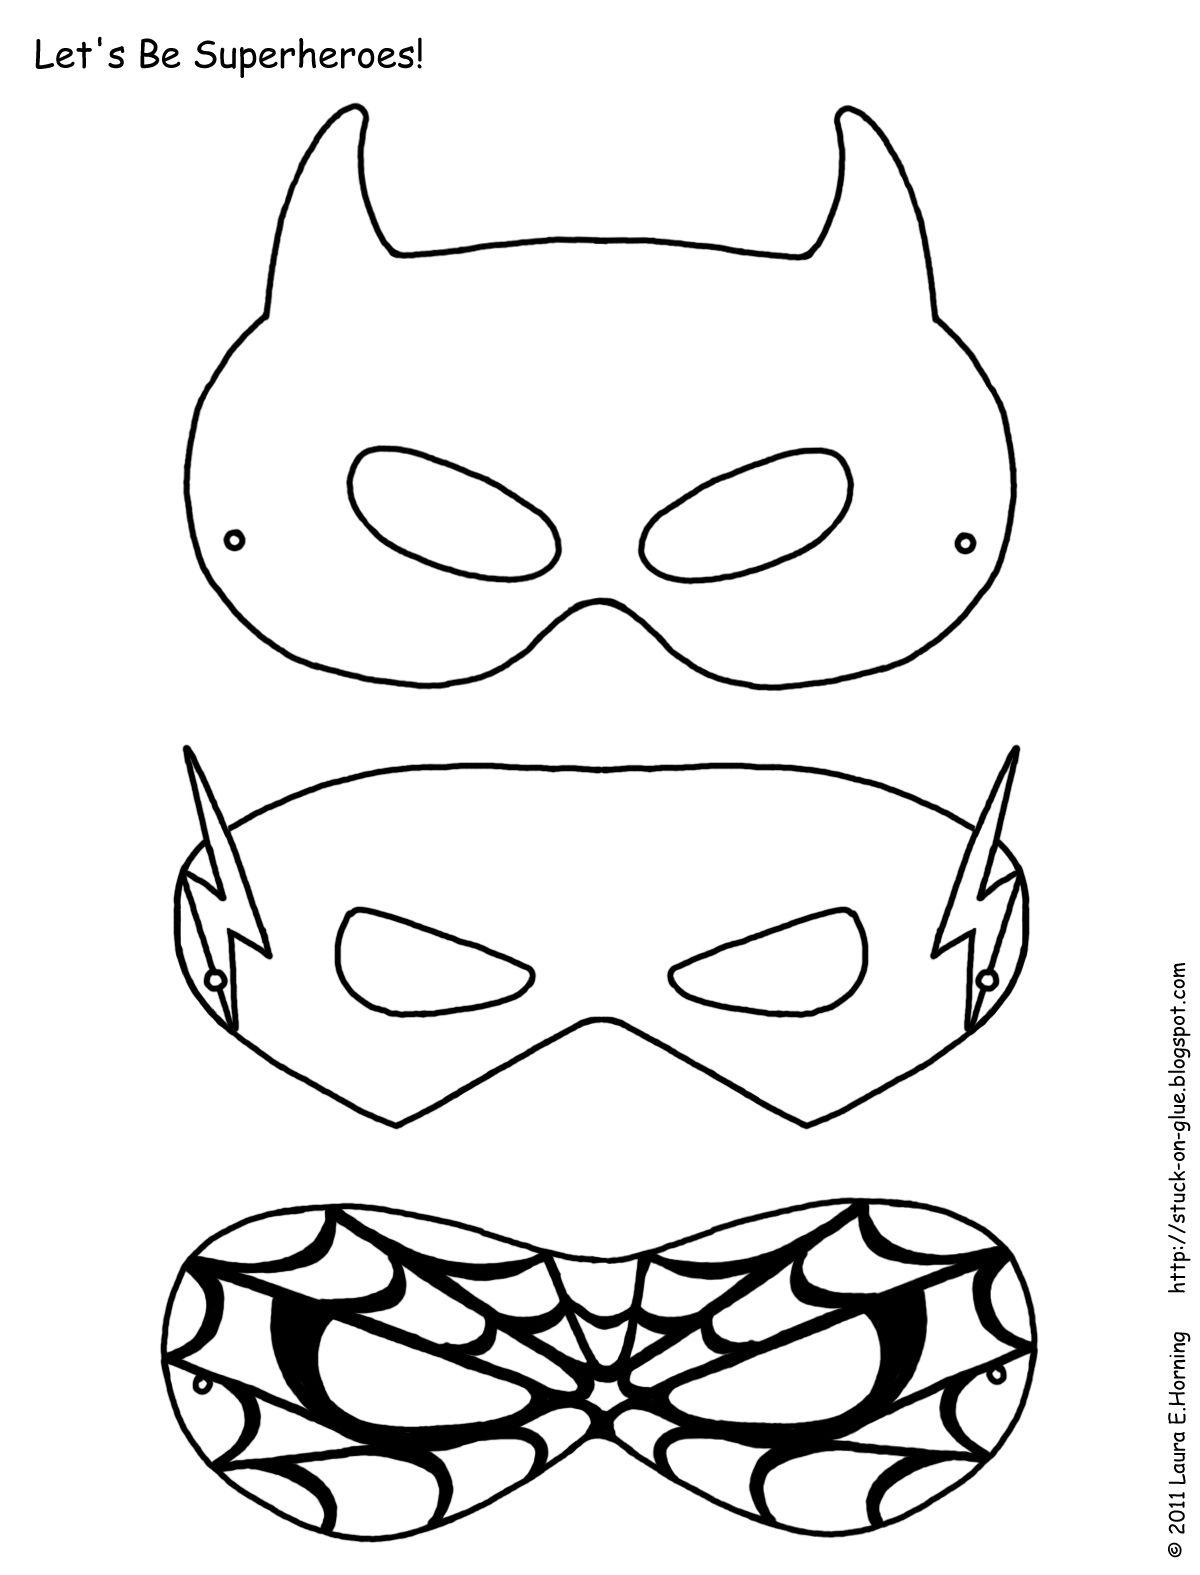 Mask Printable | Free Printable Superhero Mask Template | Masks - Free Printable Fox Mask Template